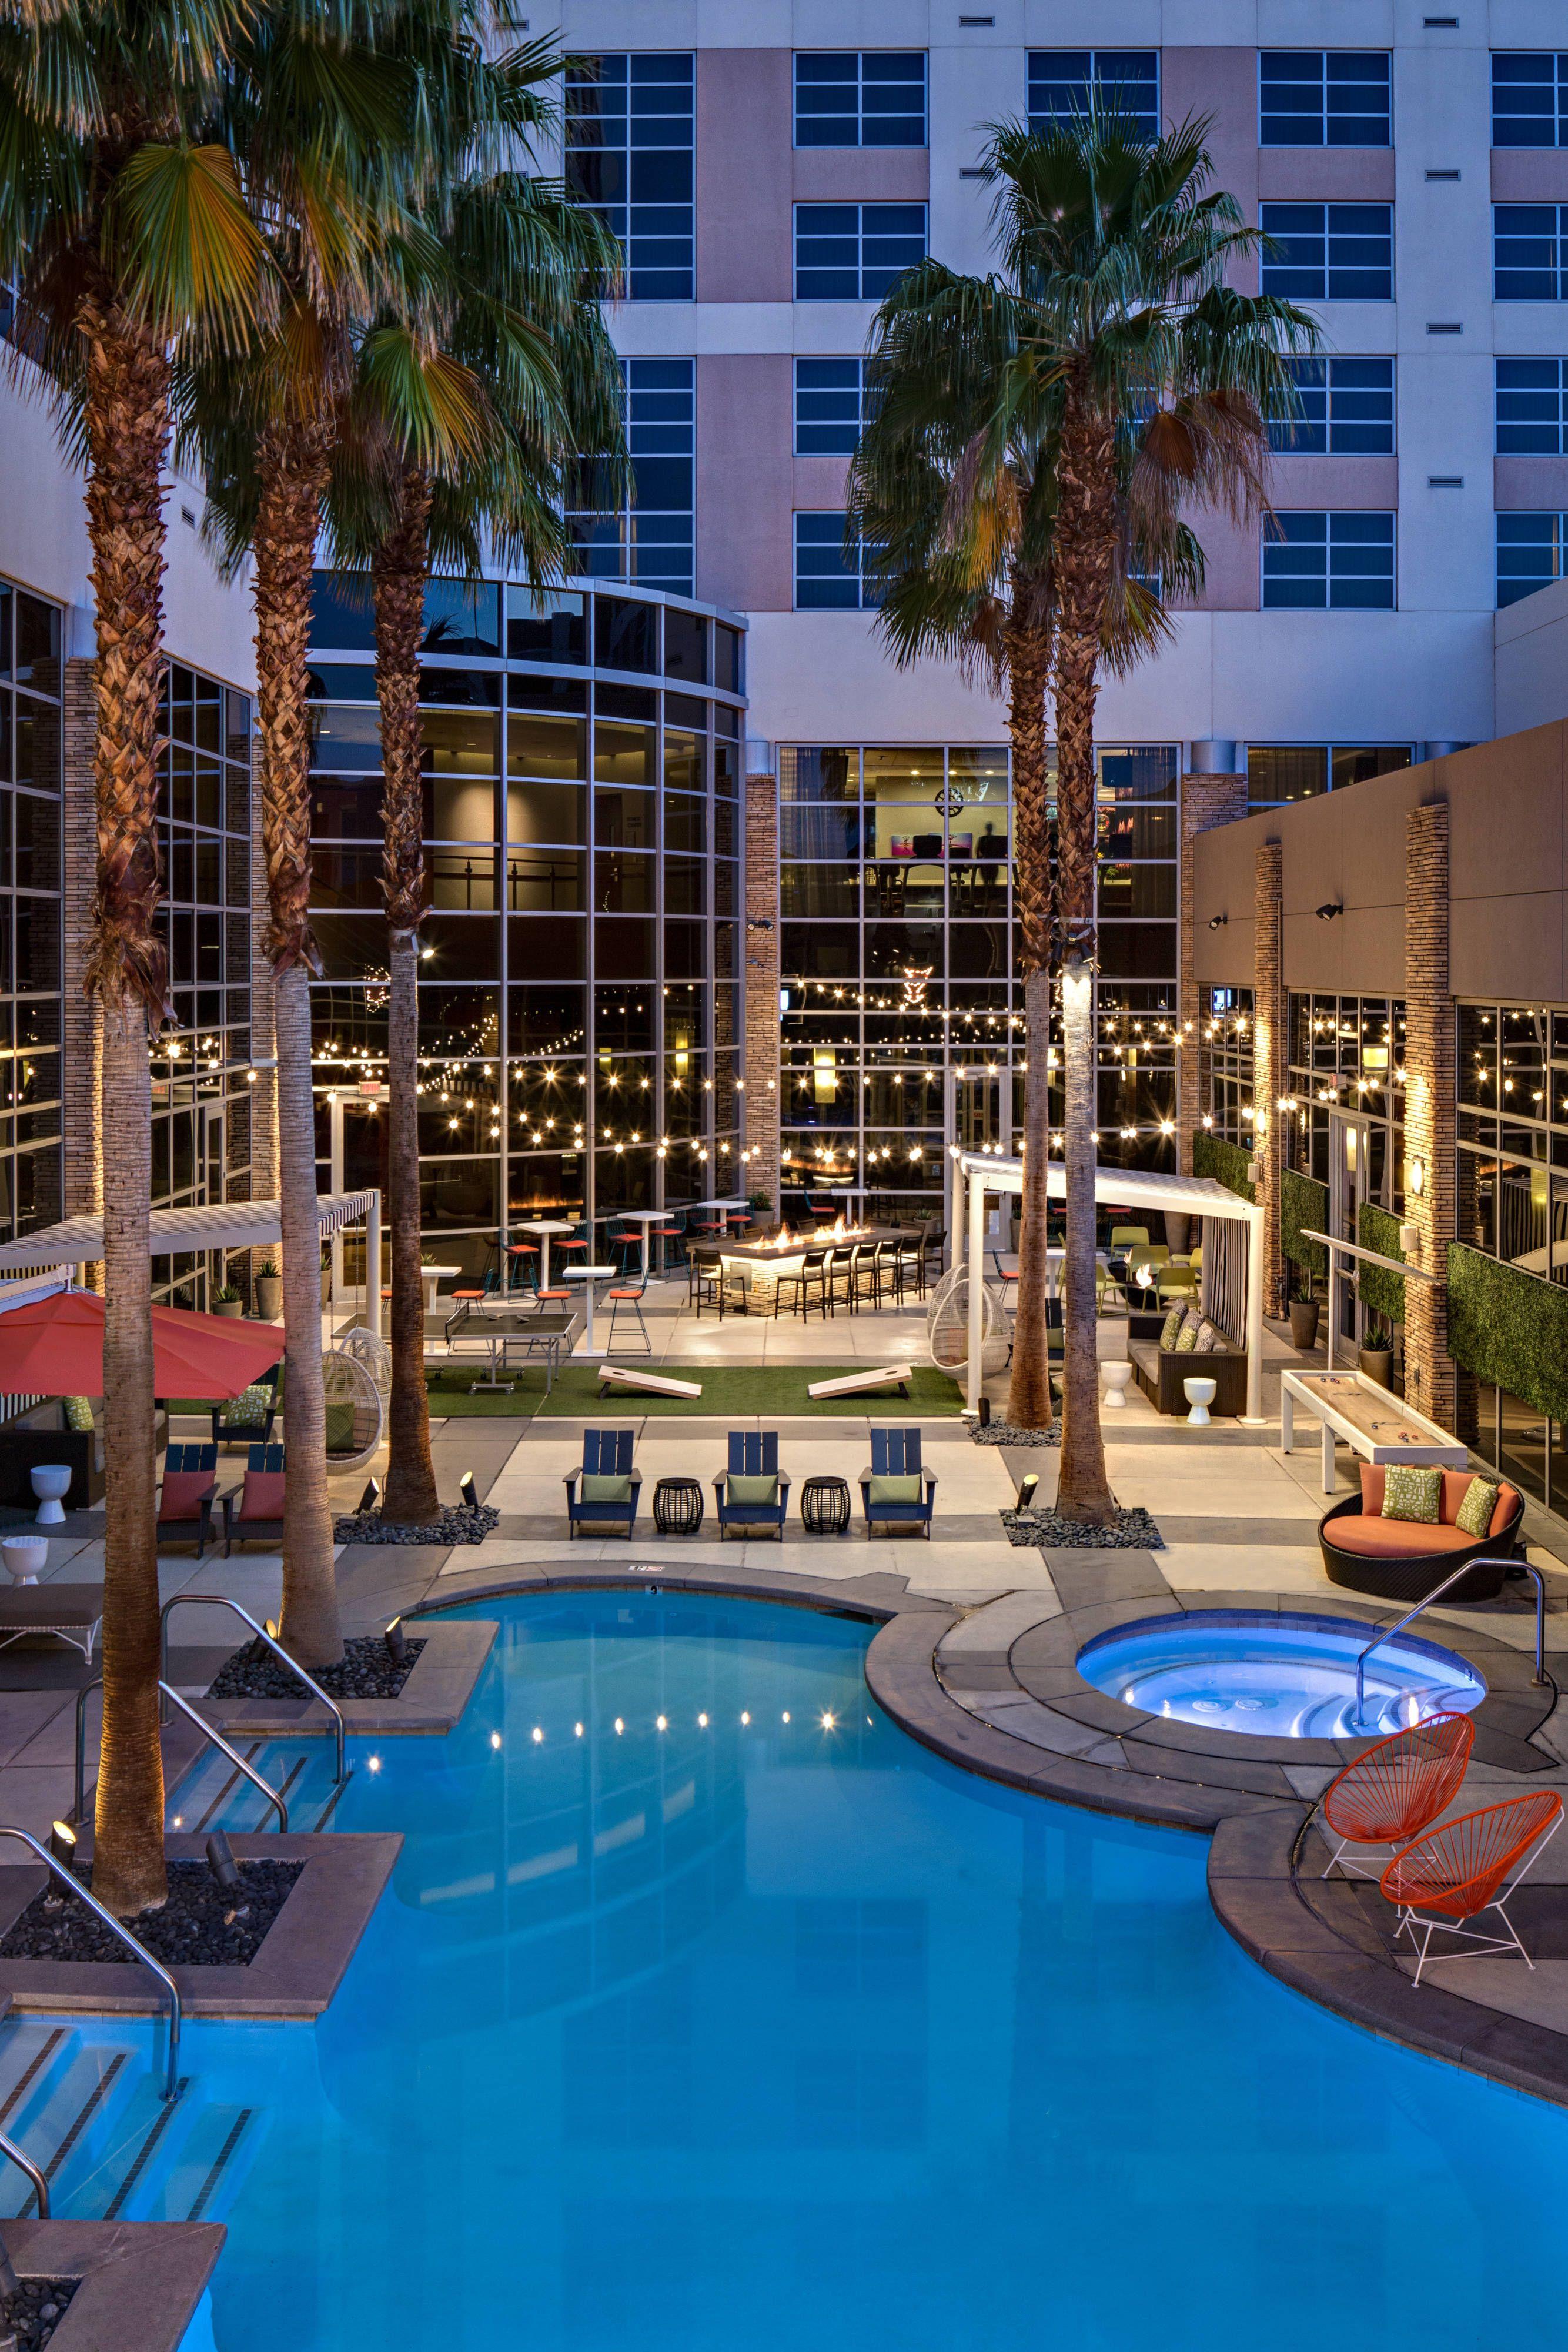 Renaissance Las Vegas Hotel Outdoor Pool Hotel Memorable